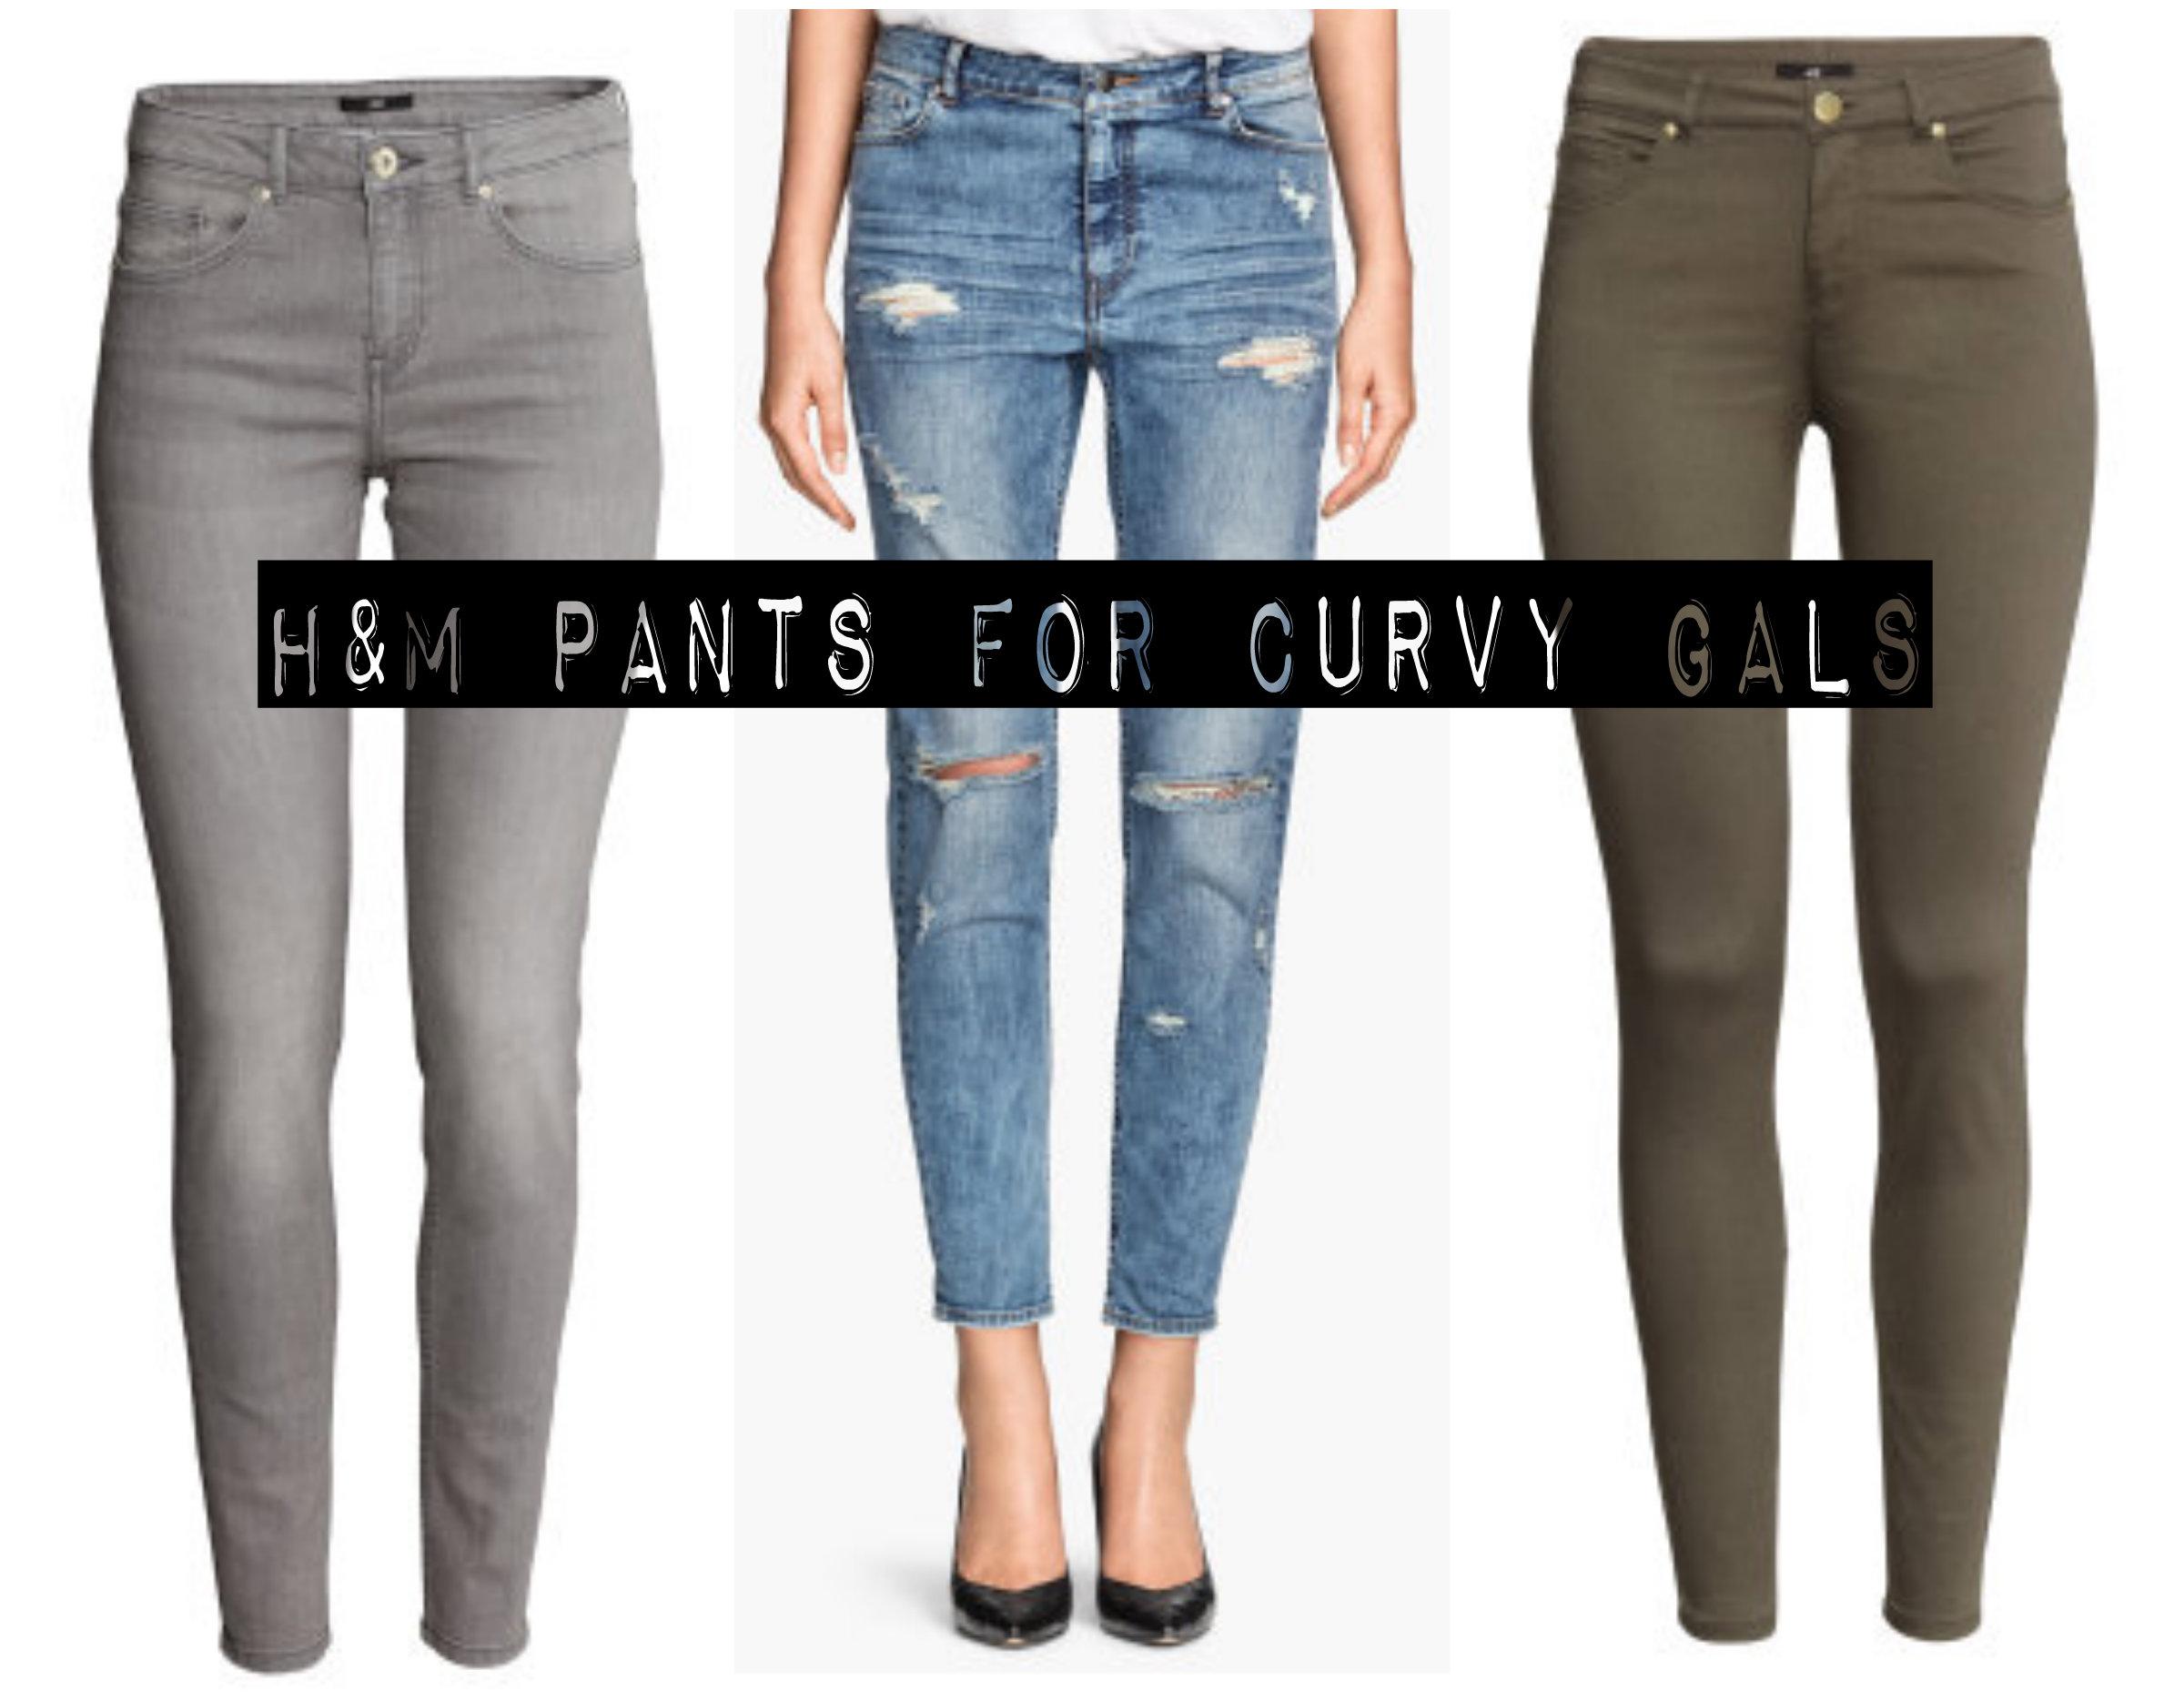 Hm Pants - H&M Pants that Fit Curvy Thighs